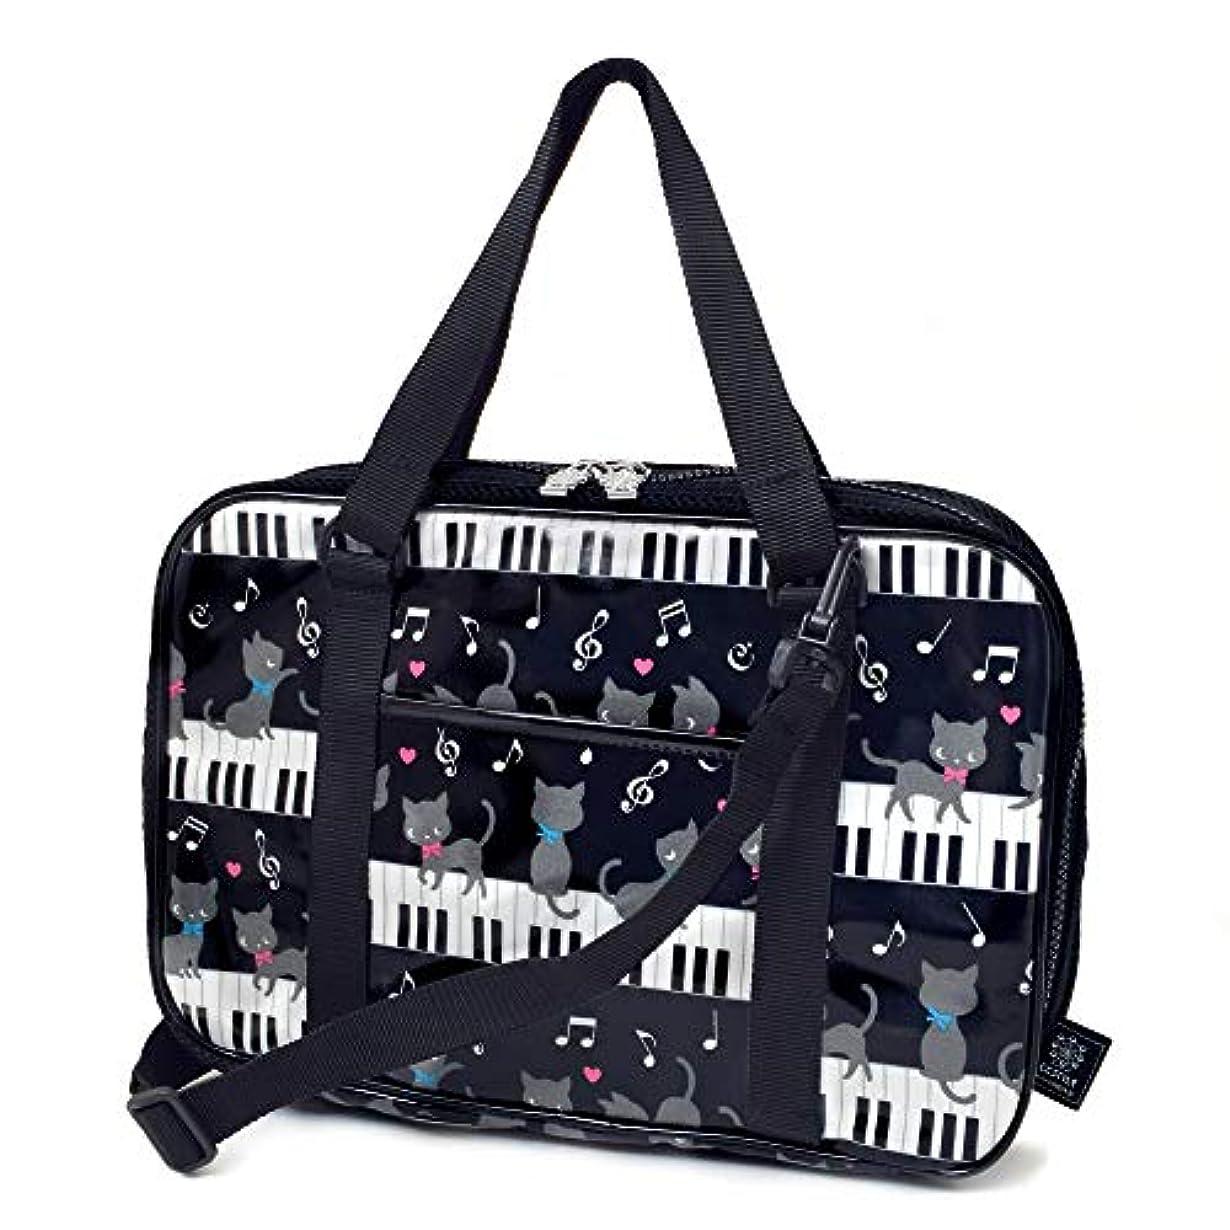 置き場子犬そのような書道セット 習字セット?呉竹 ピアノの上で踊る黒猫ワルツ(ブラック) N2200810